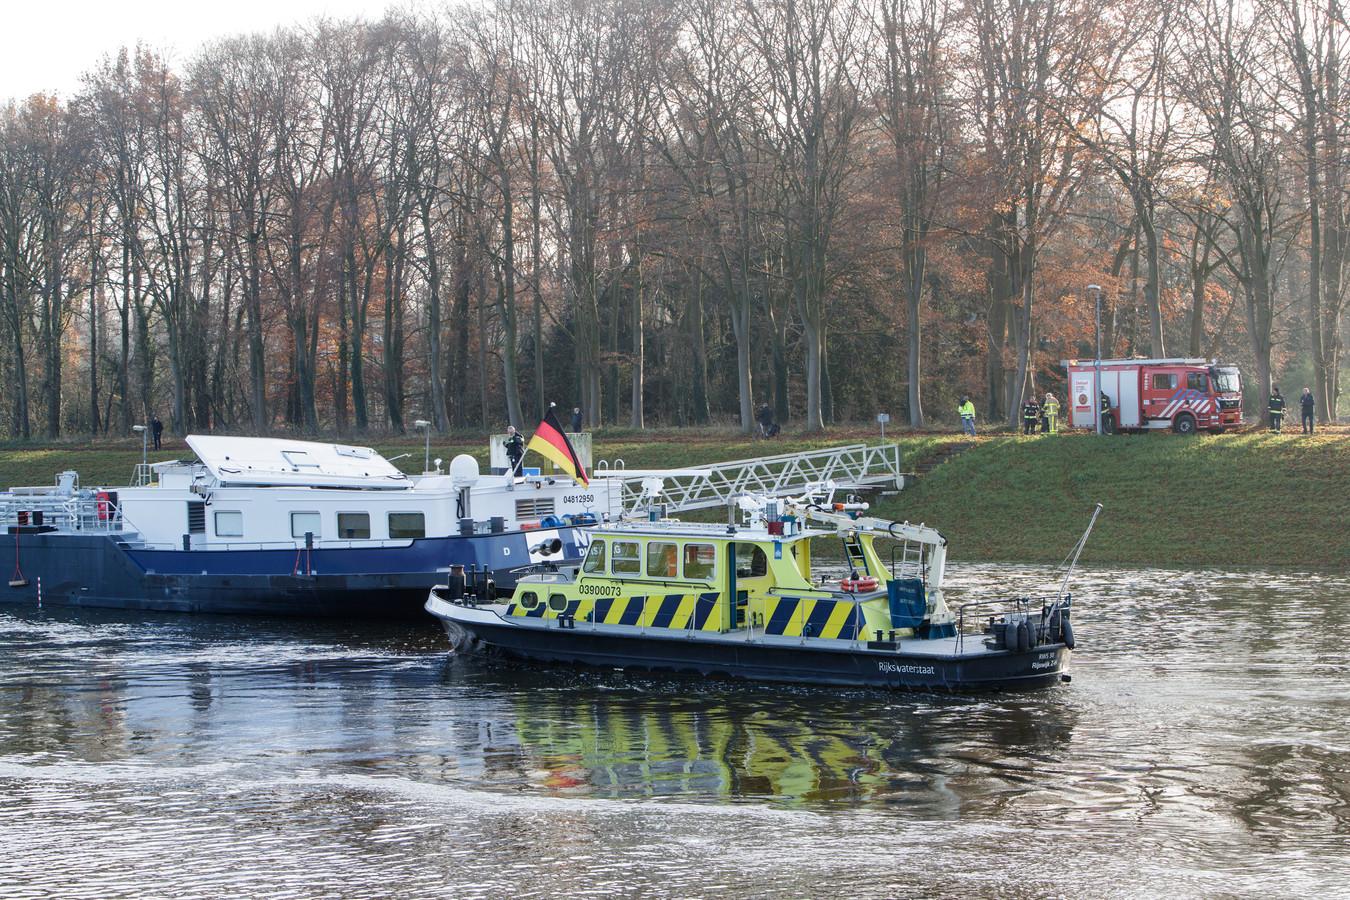 Een Duits binnenvaartschip ramt in december 2017 de Oude IJsselbrug bij Zutphen en verliest de kajuit.